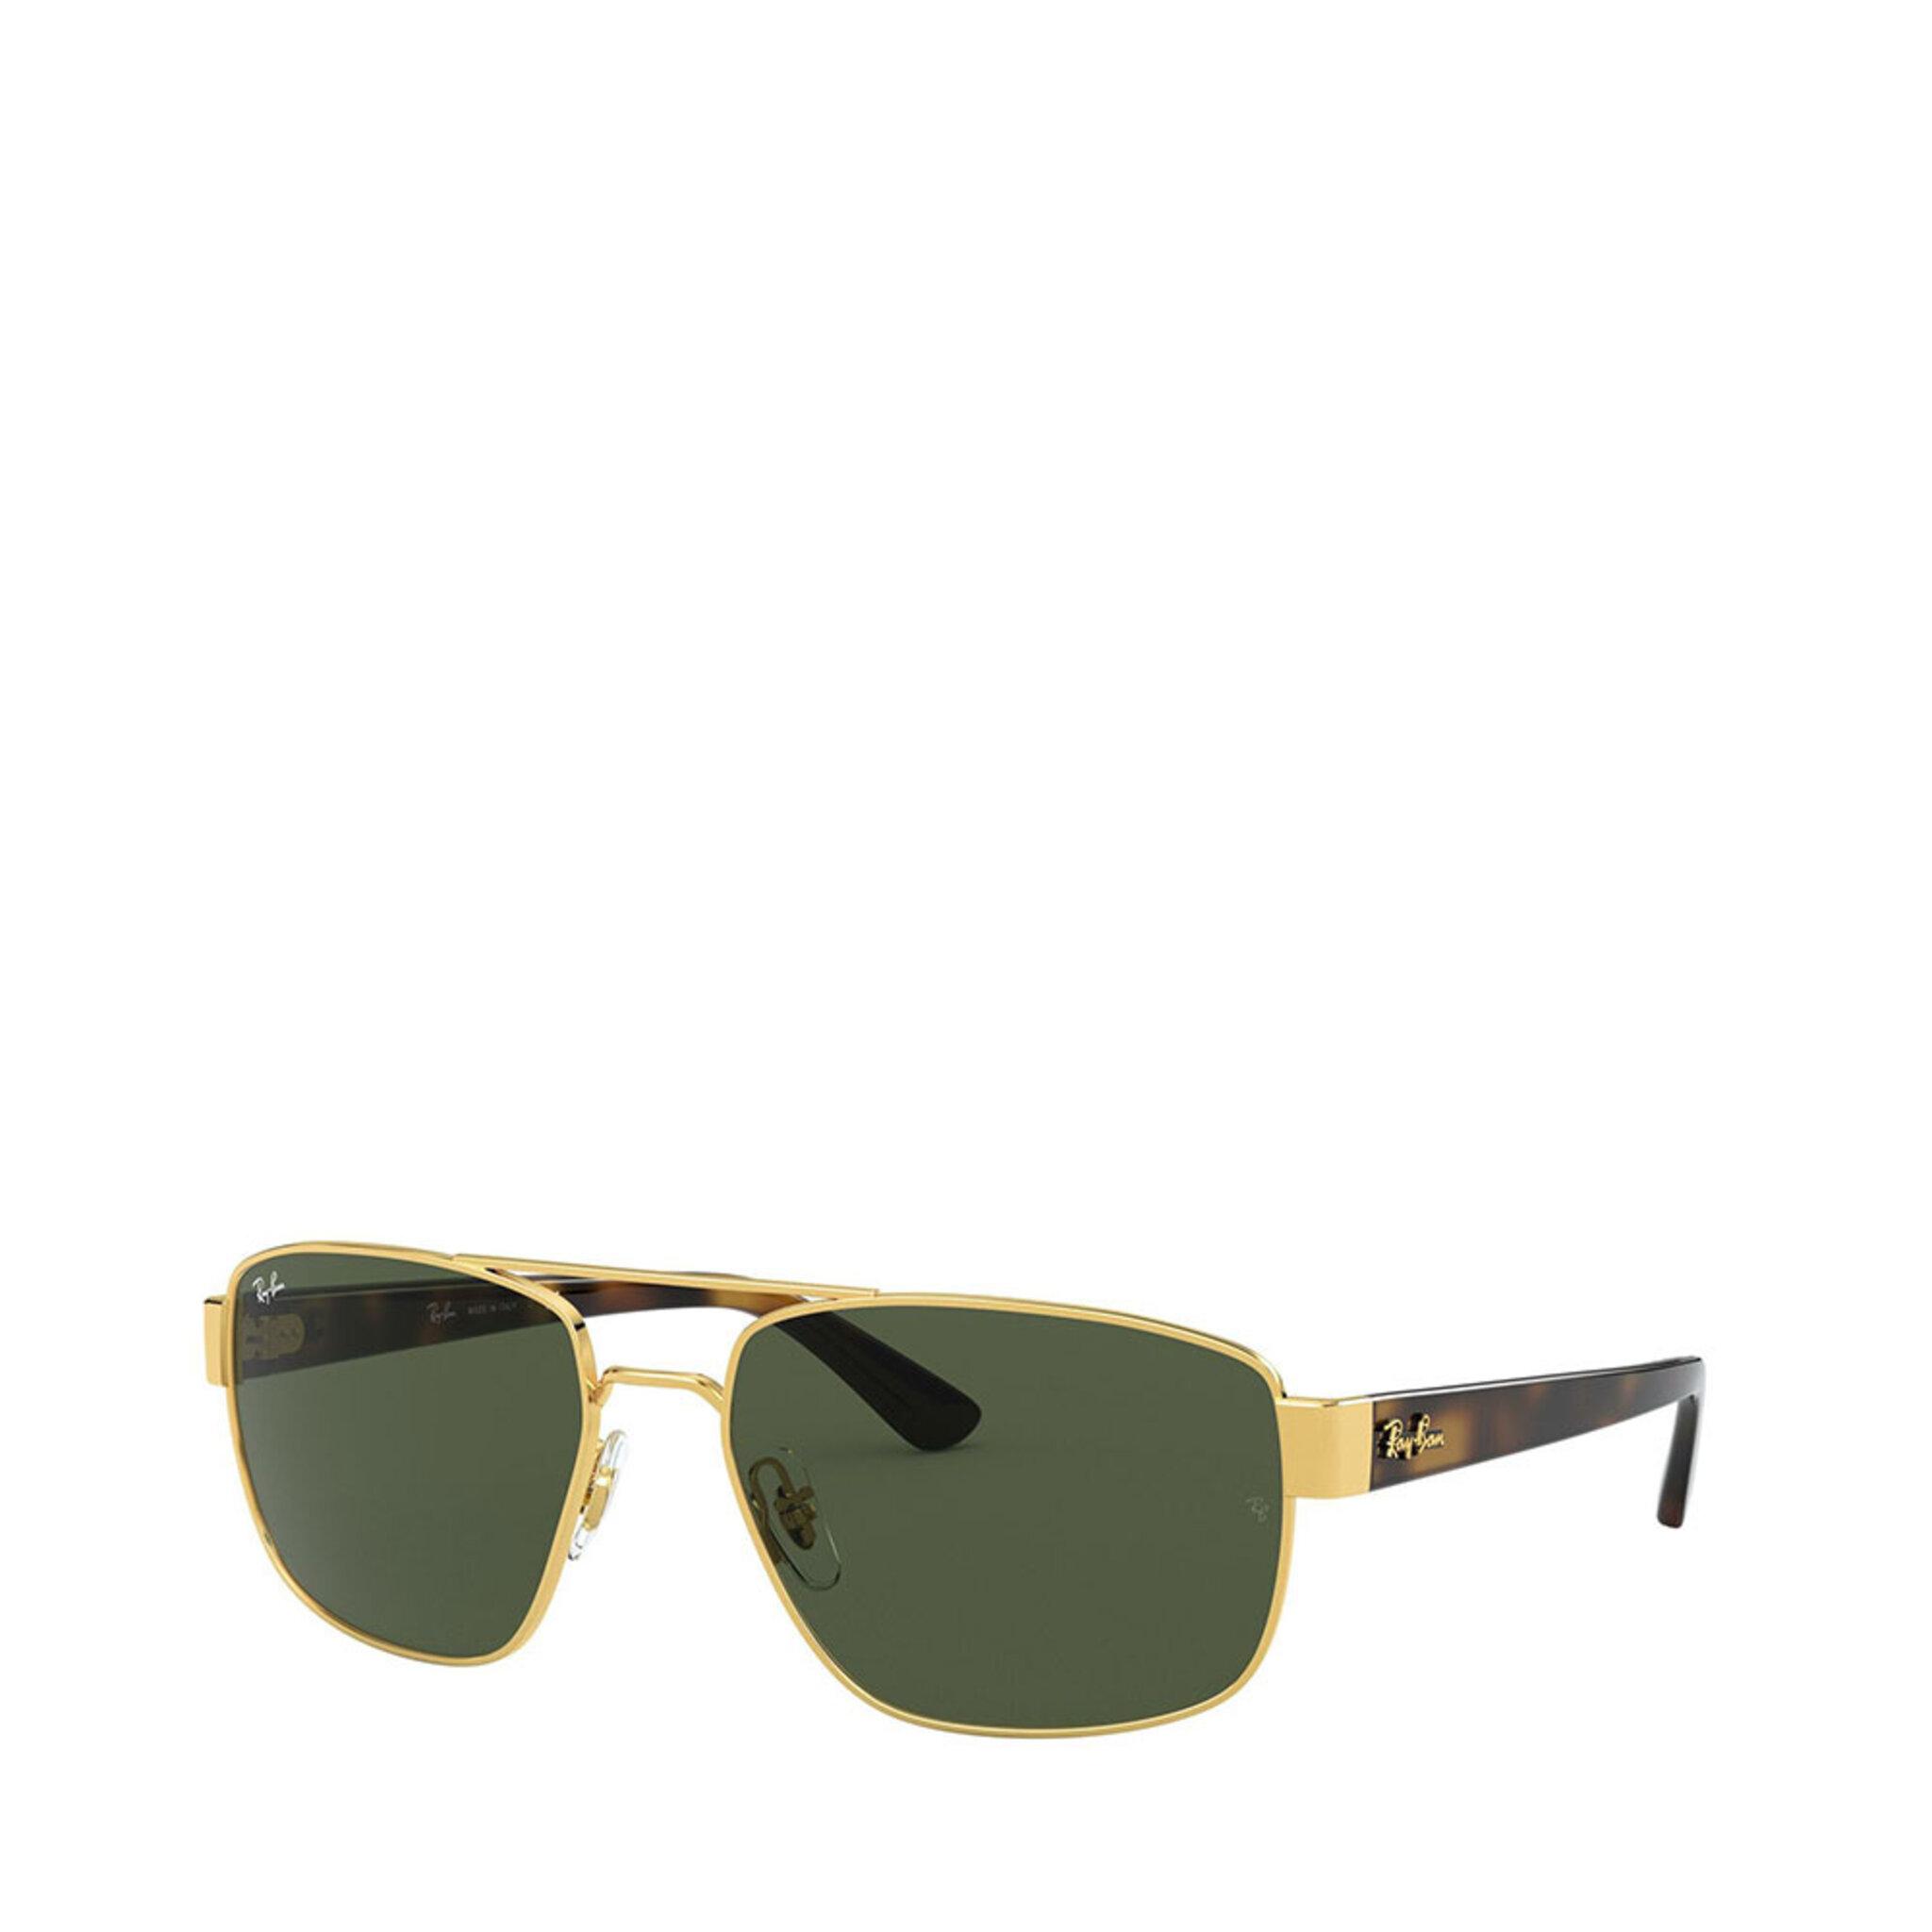 Solglasögon, 60